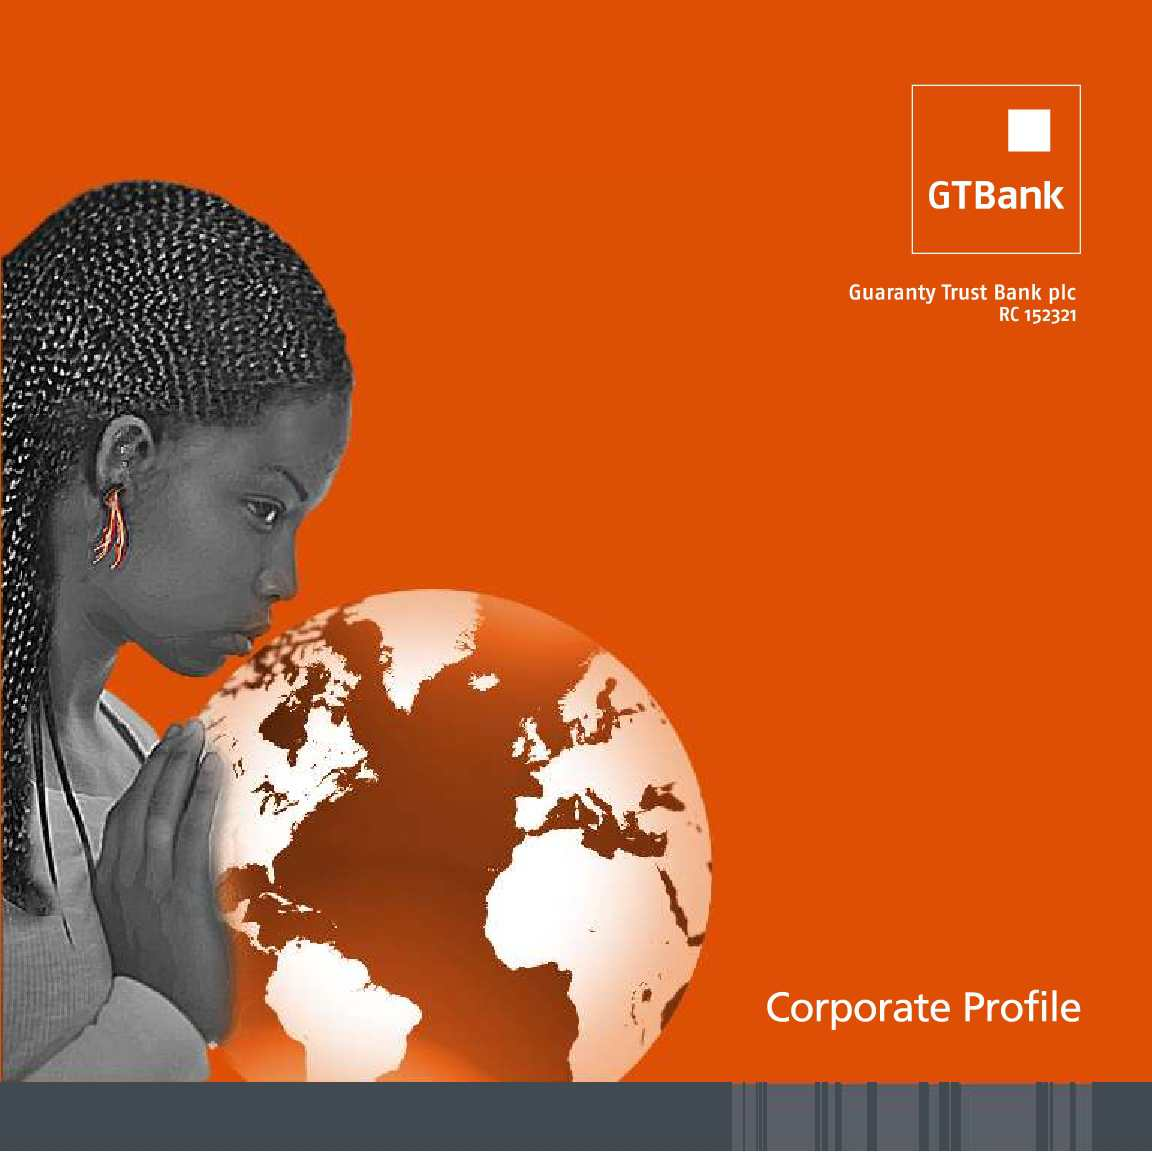 Calaméo - GTBank Corporate Profile